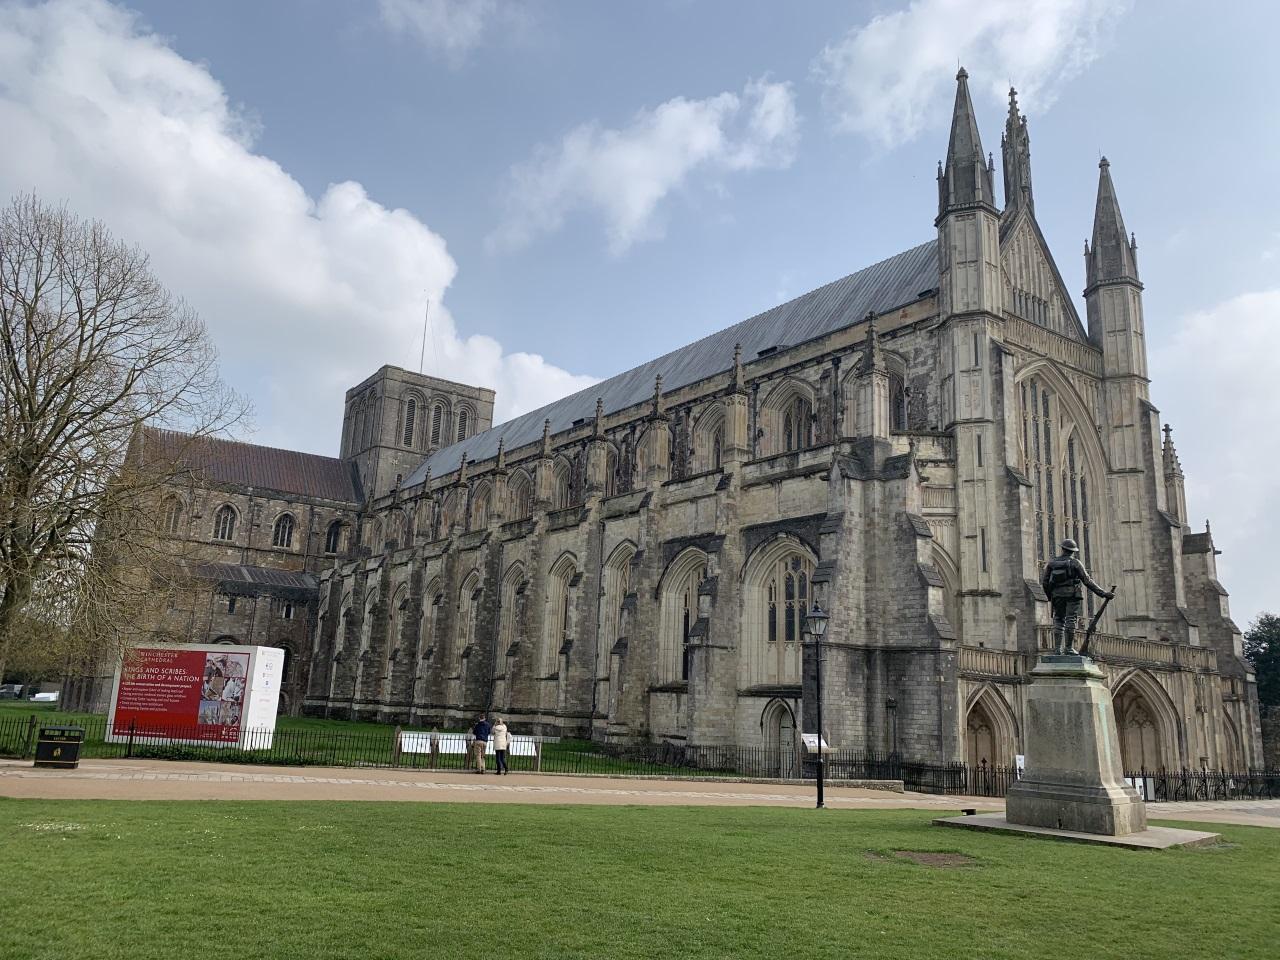 ウィンチェスター大聖堂